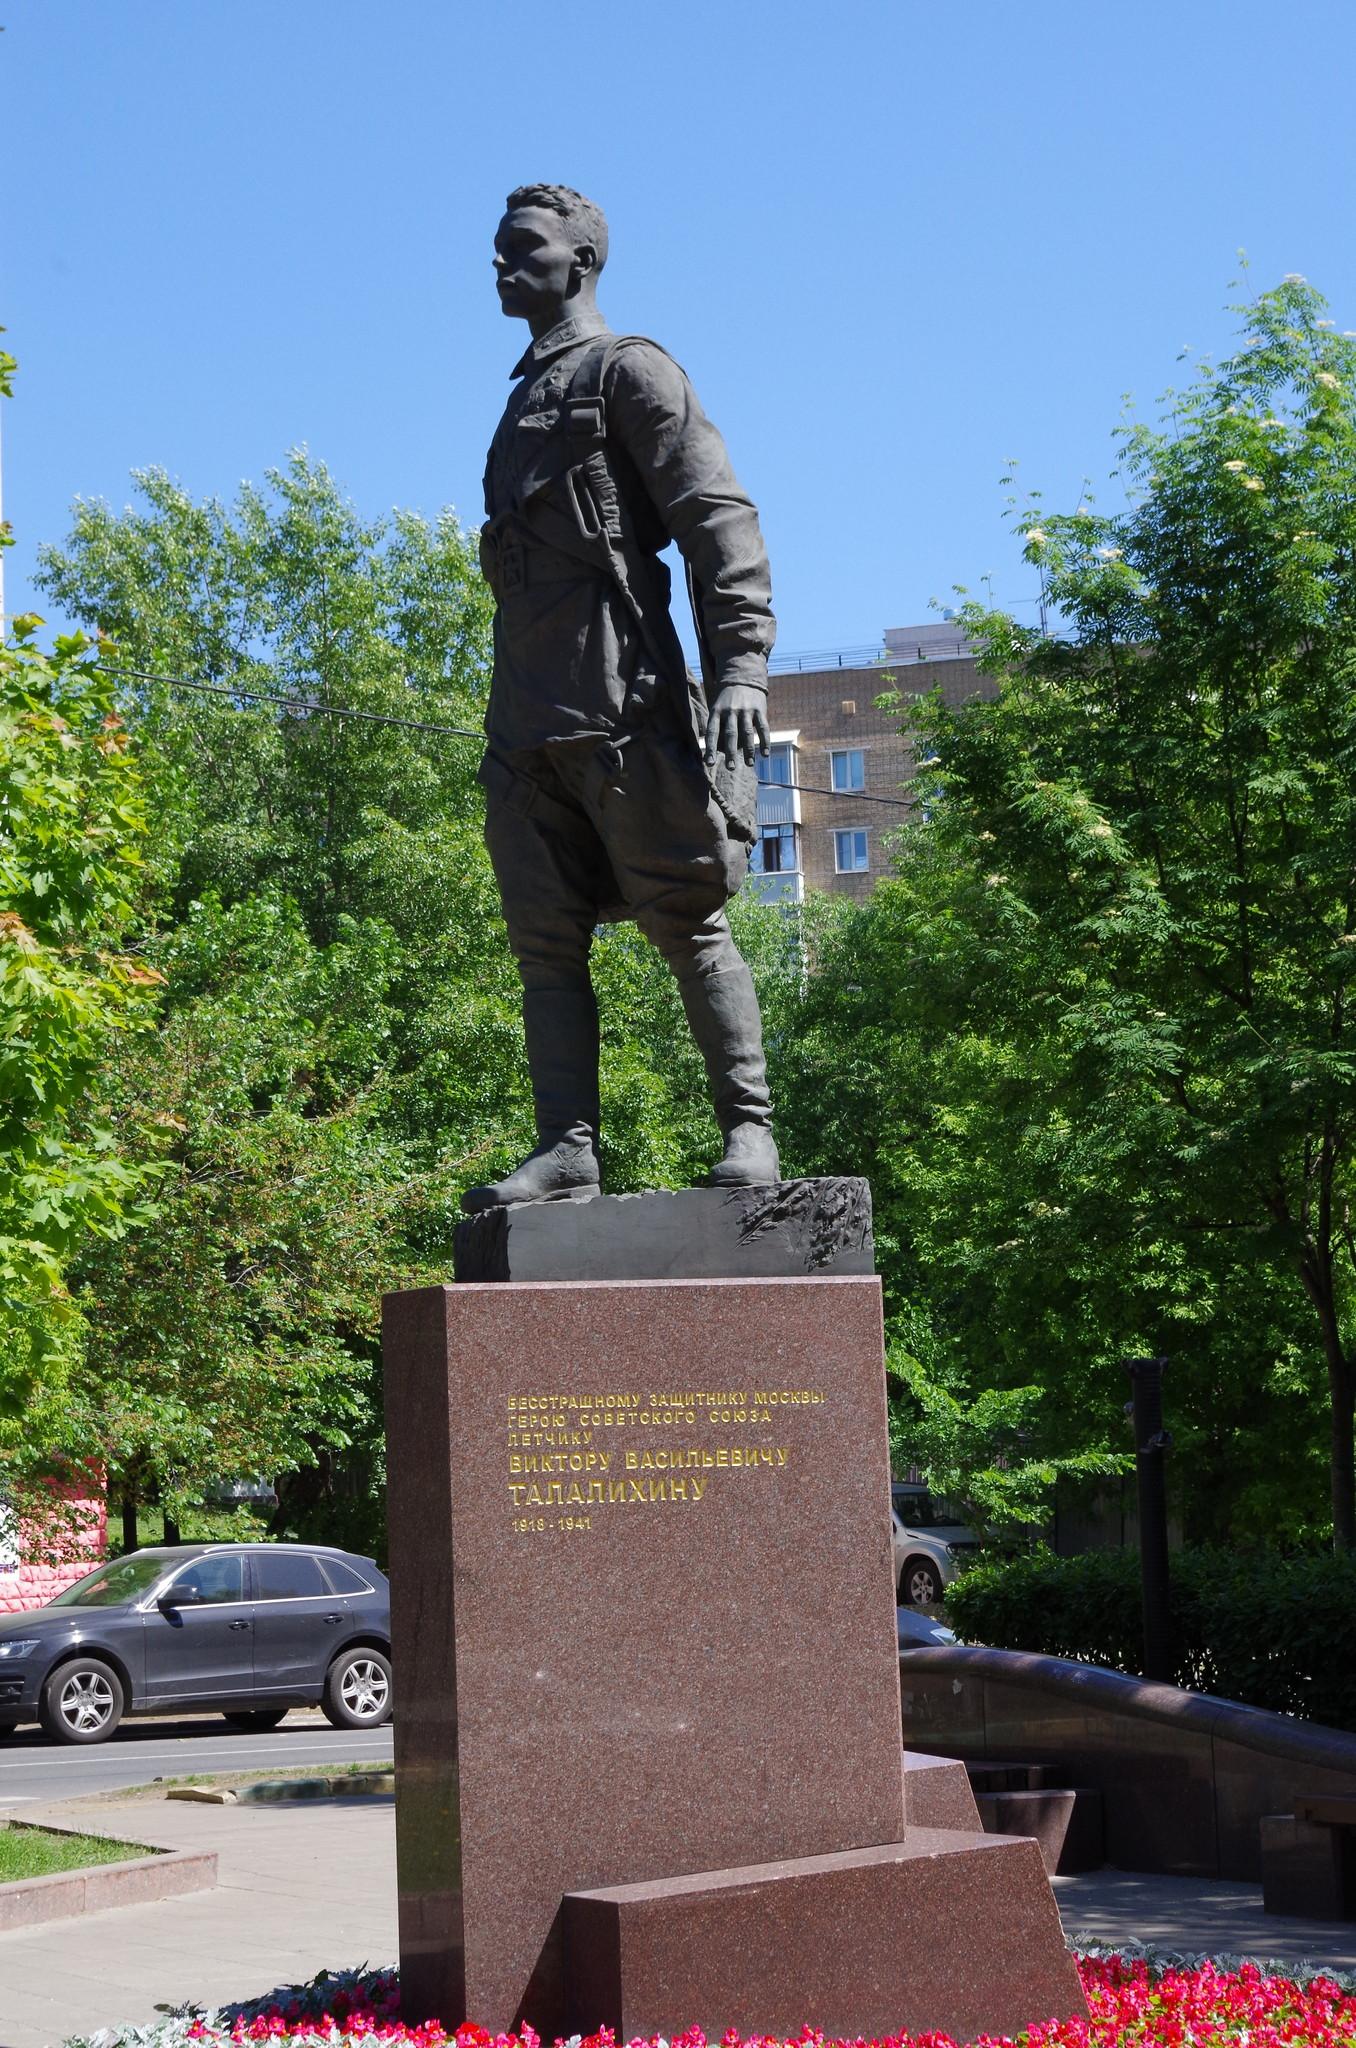 Памятник военному лётчику Виктору Талалихину в Москве в сквере, расположенном на пересечении улицы Малая Калитниковская и улицы, носящей его имя